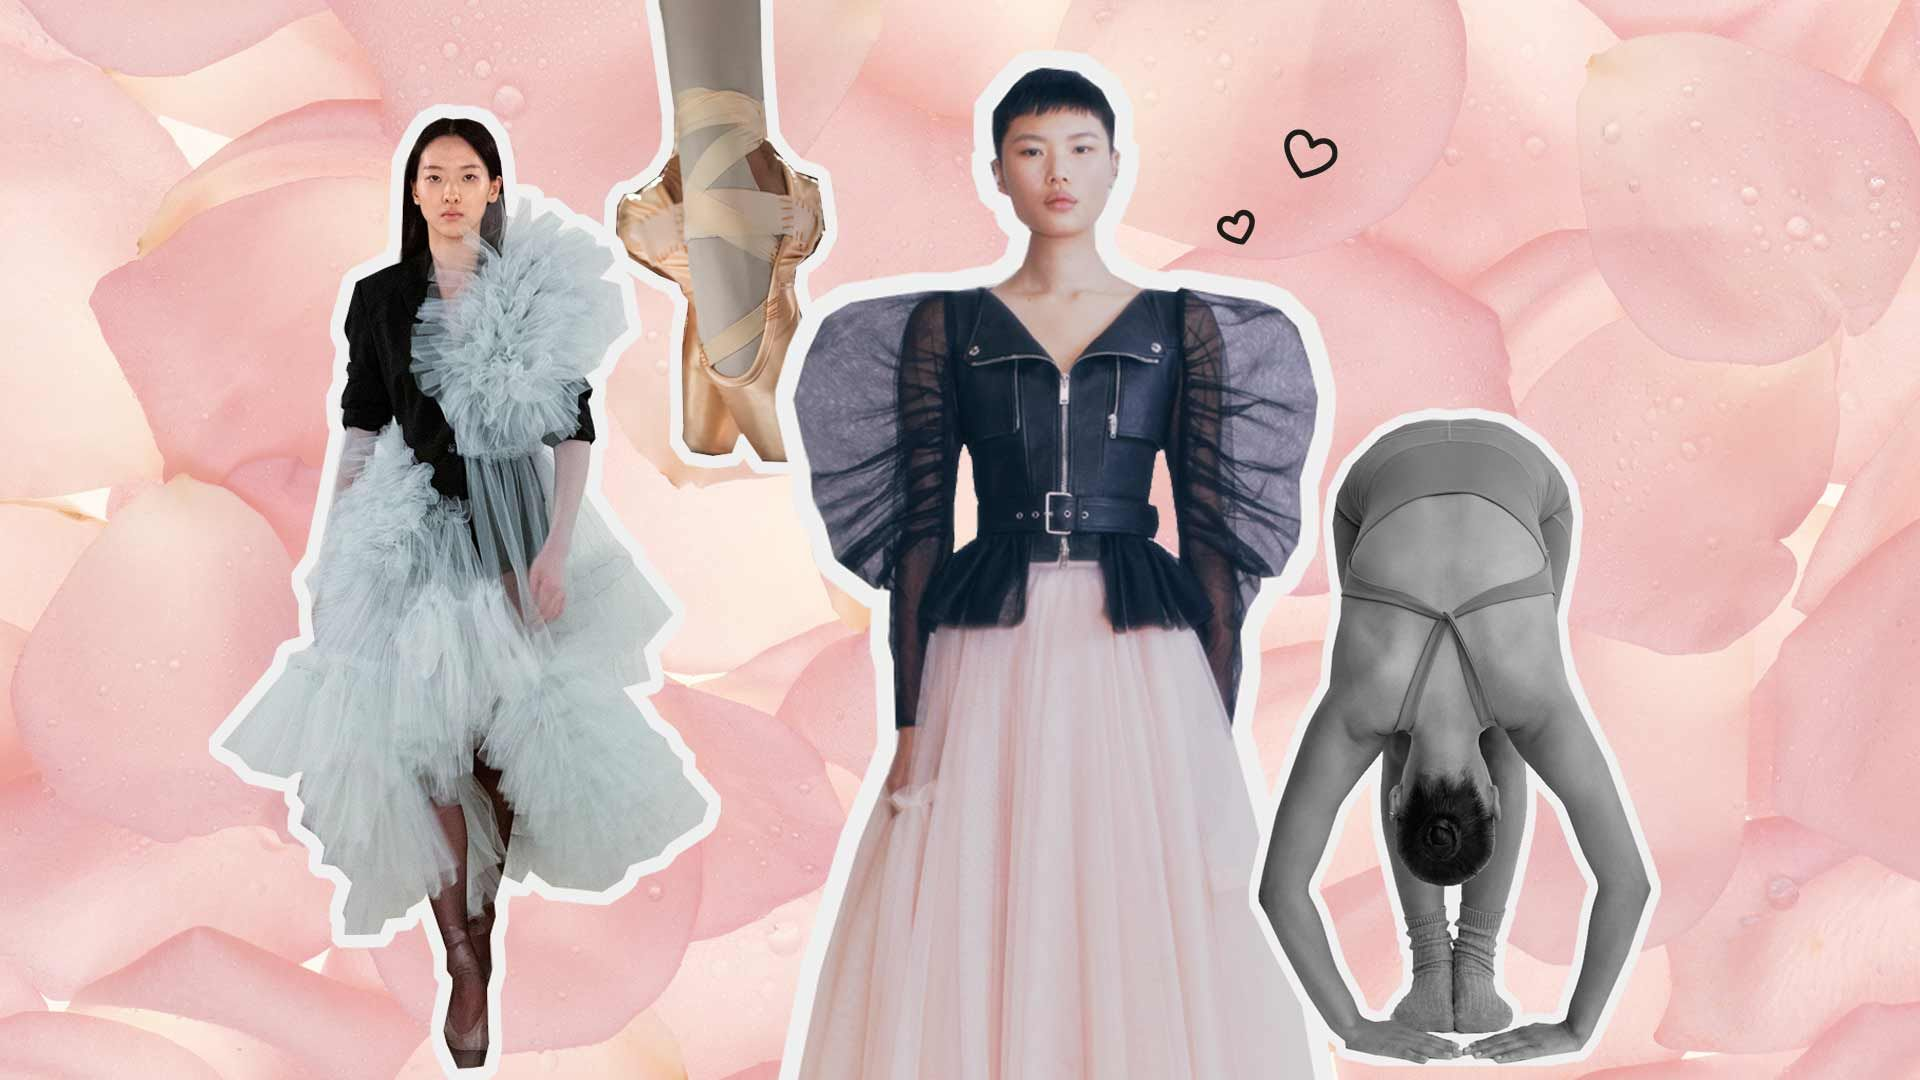 'Balletcore': la tendencia más romántica de la primavera que nos ha enamorado